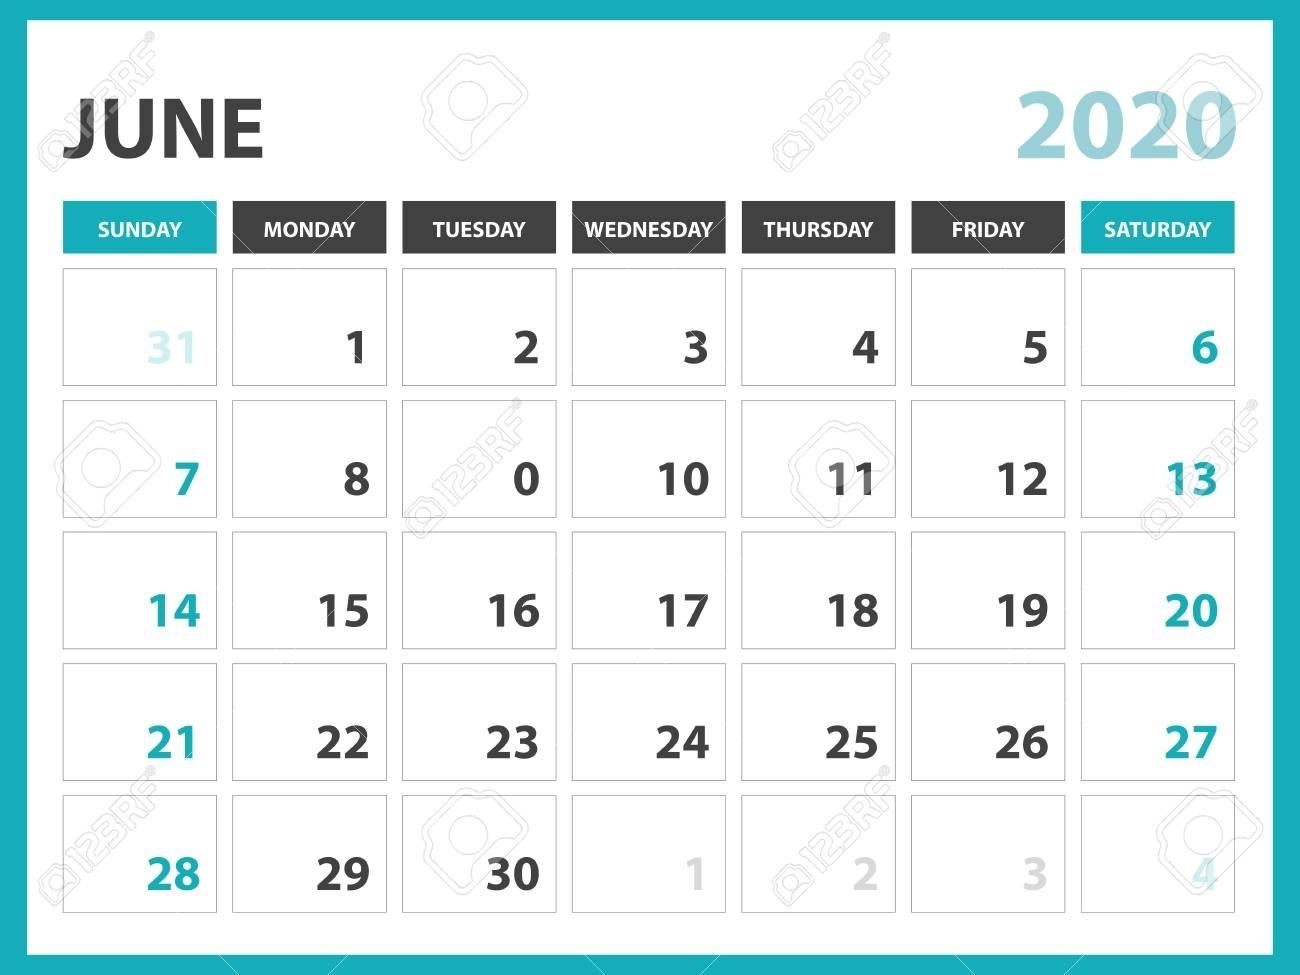 Desk Calendar Layout Size 8 X 6 Inch, June 2020 Calendar Template,..